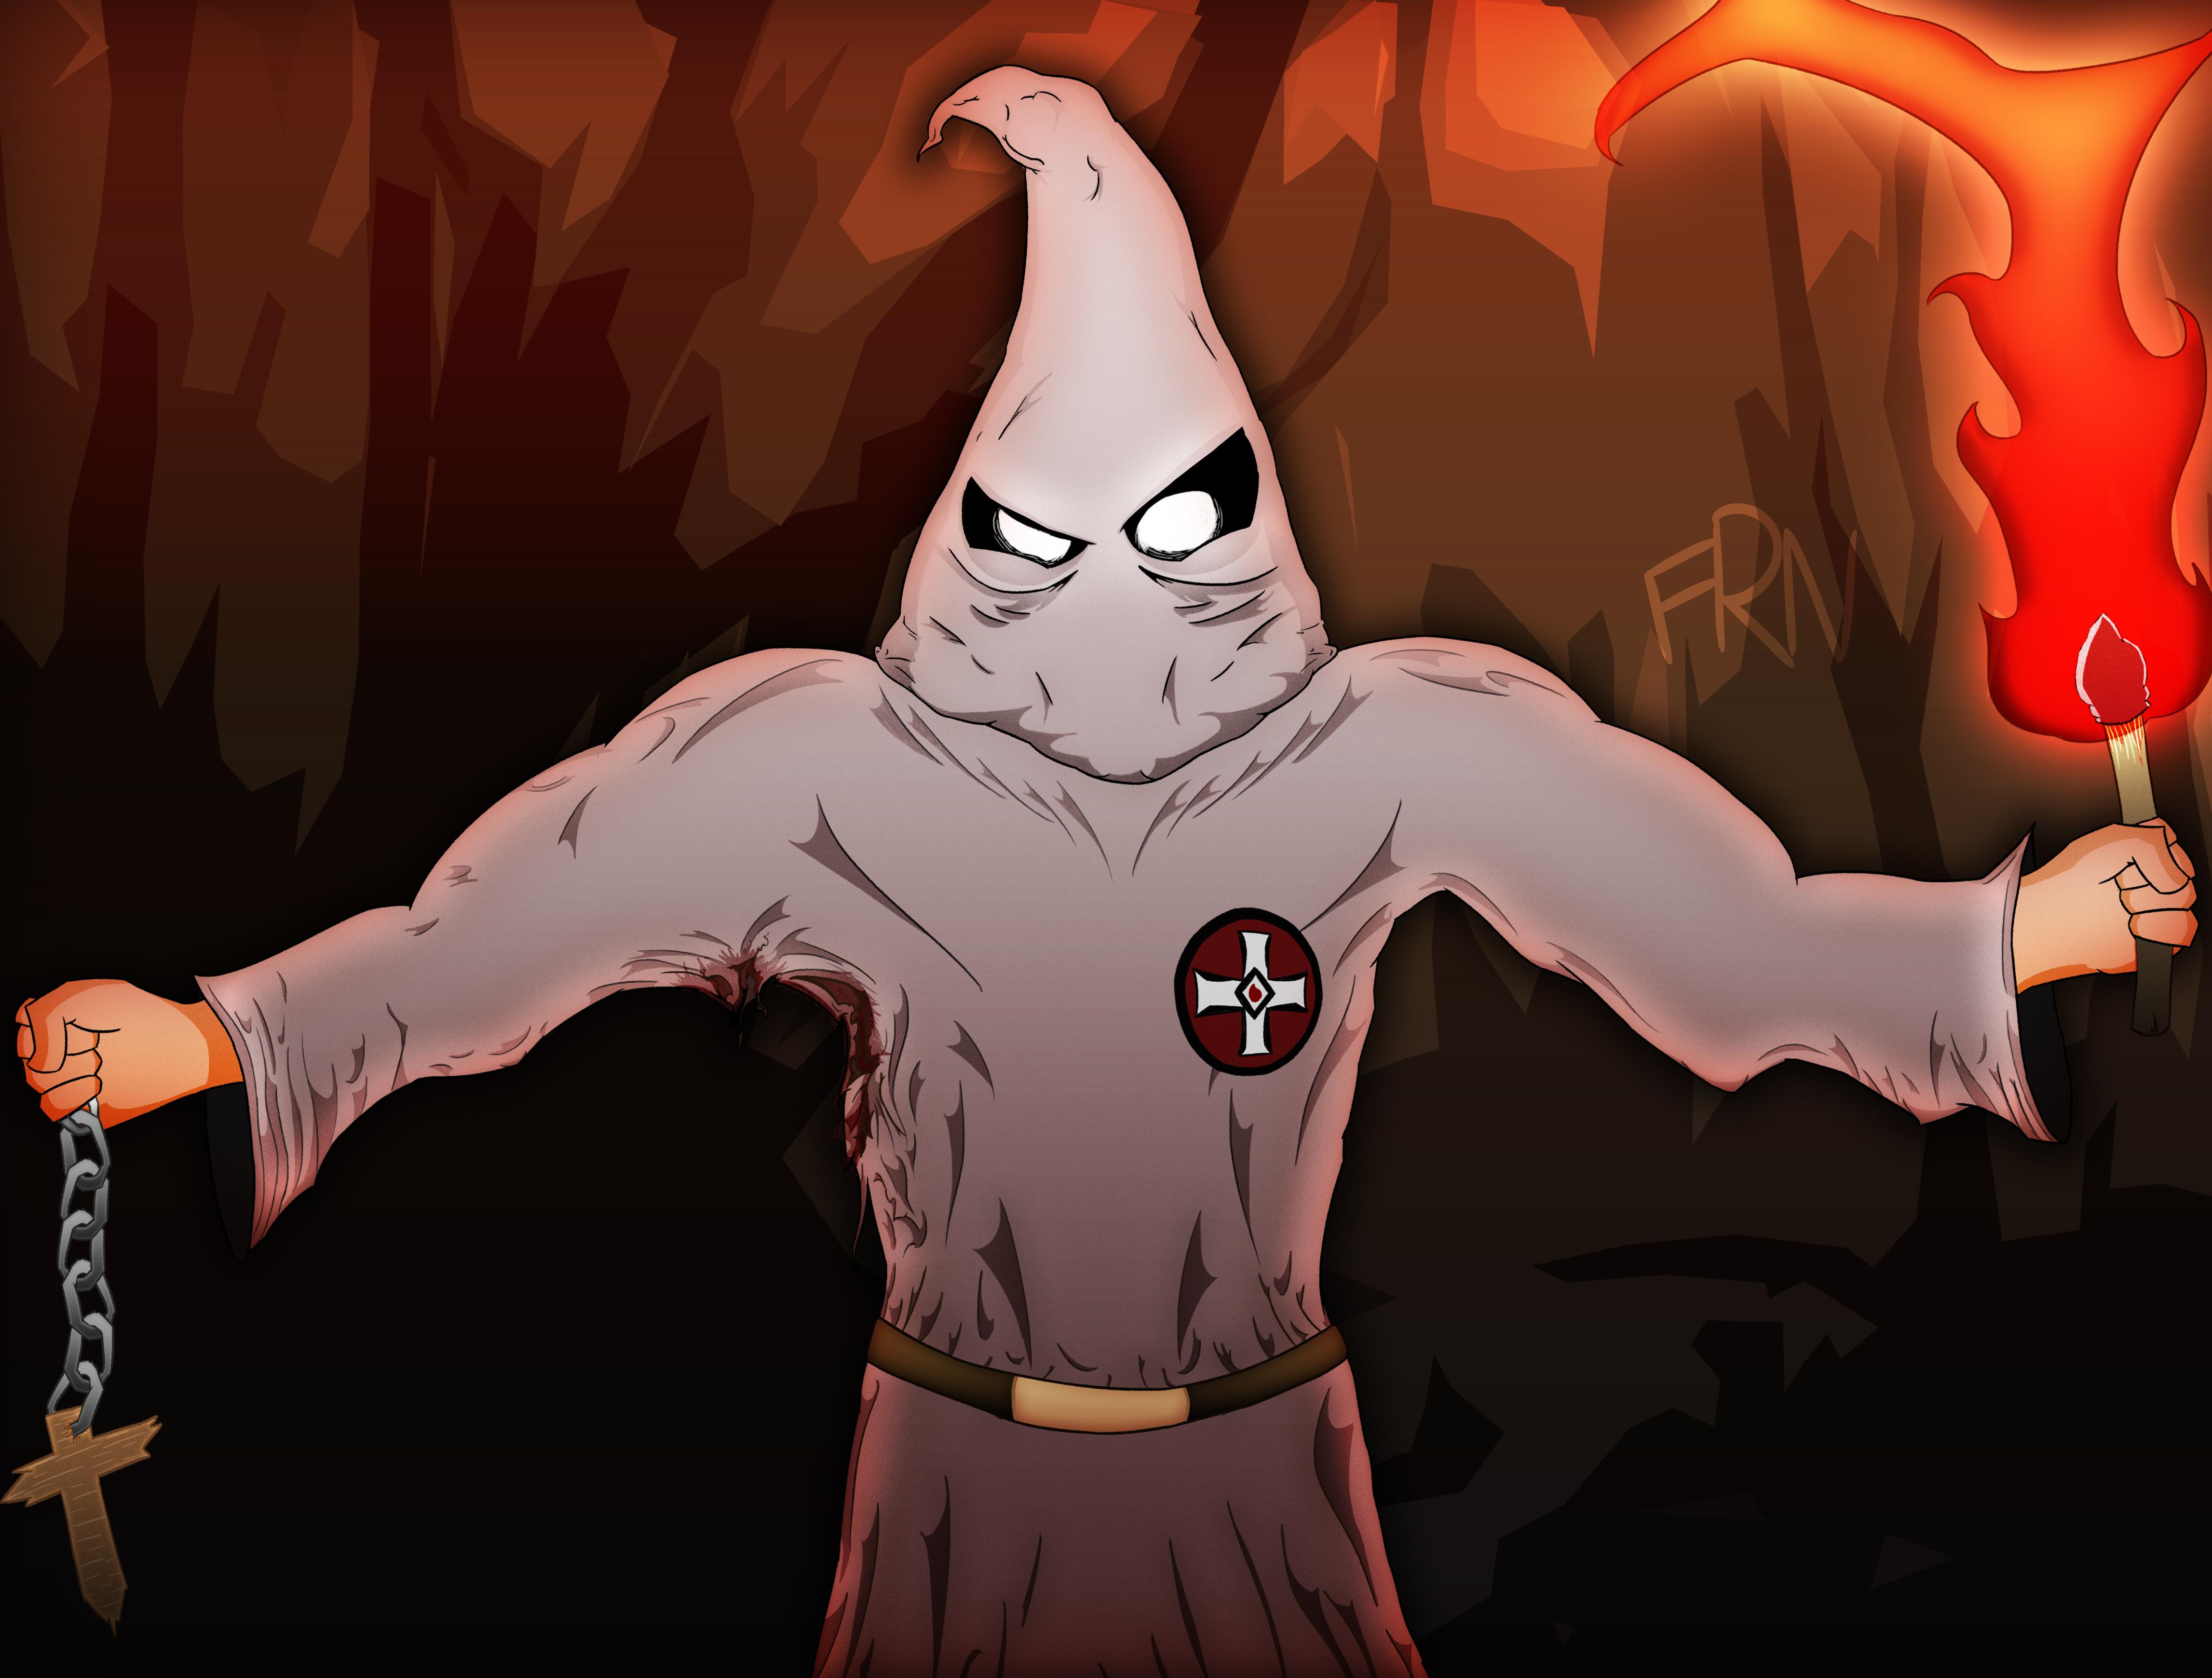 Klansman Stan